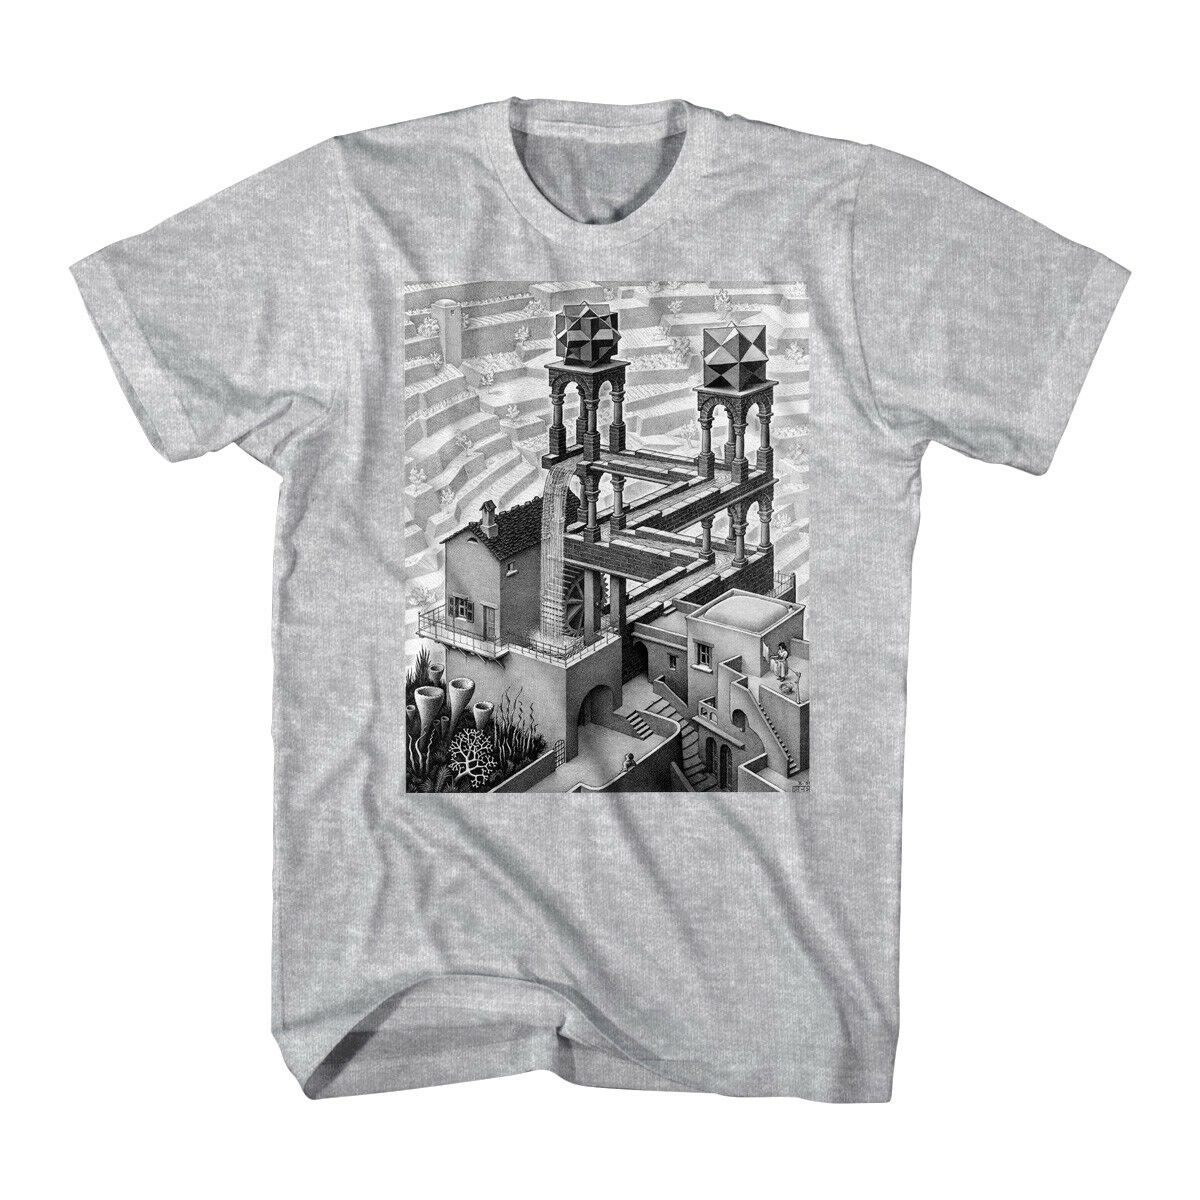 Relativity M. C. Escher Graphic Artist Adult T Shirt